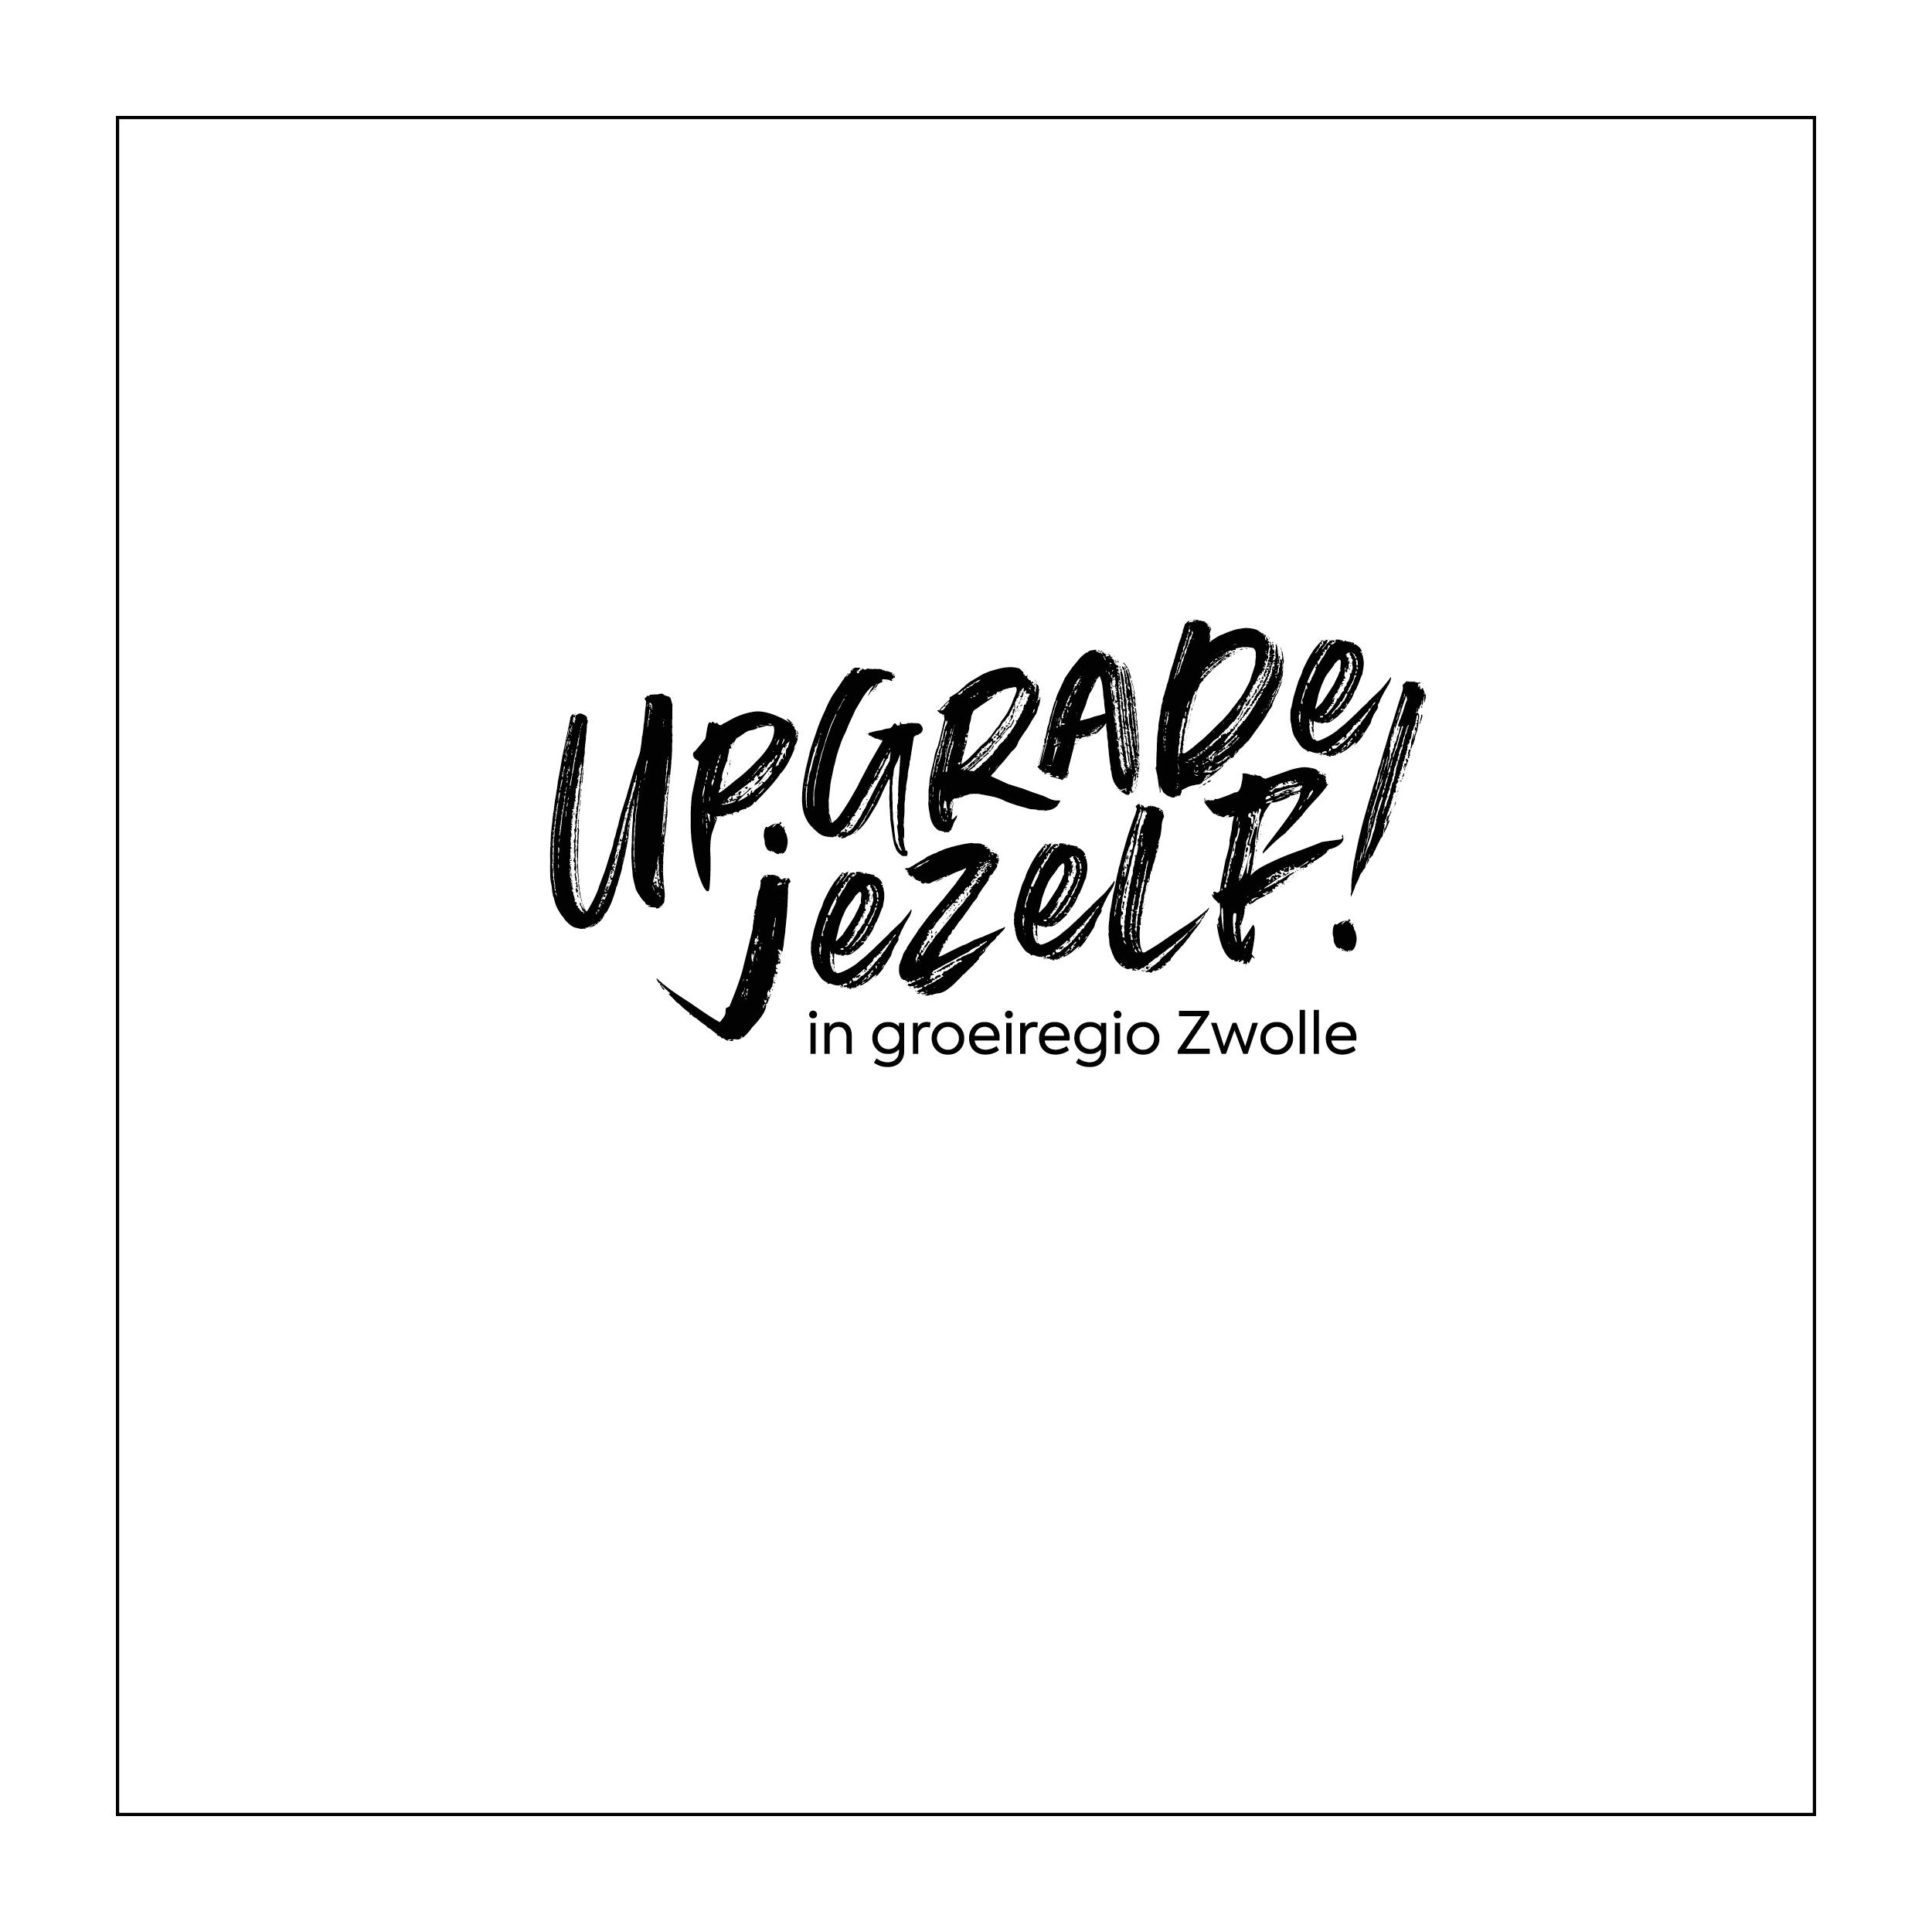 upgrade jezelf